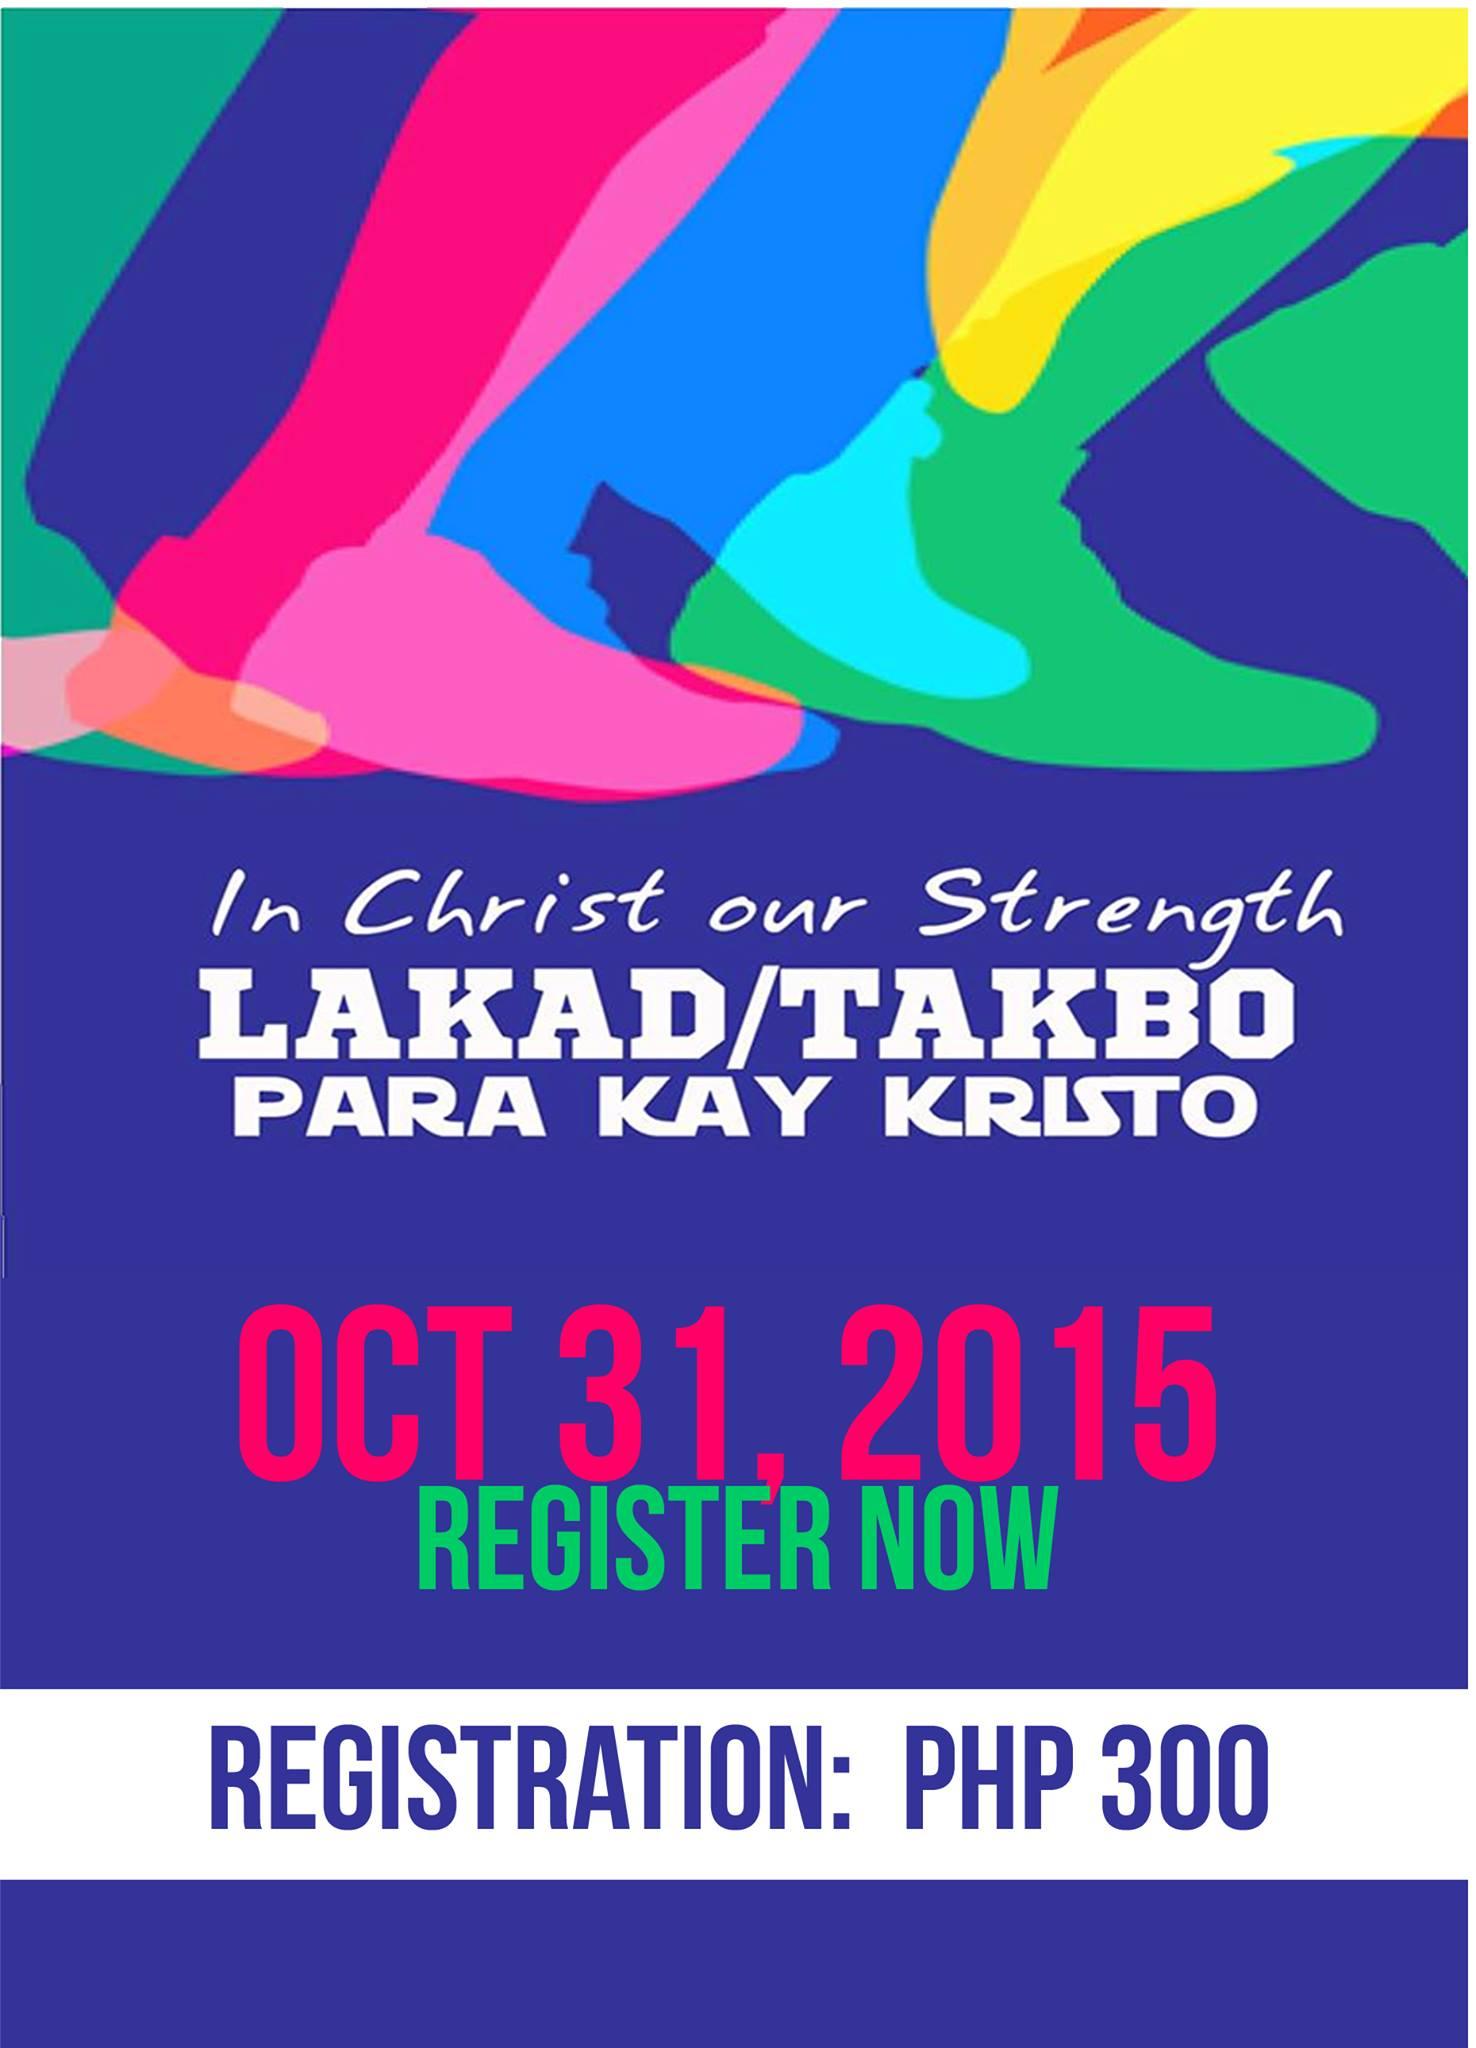 EVENTS] LAKAD-TAKBO Para Kay Kristo | International Charismatic Service